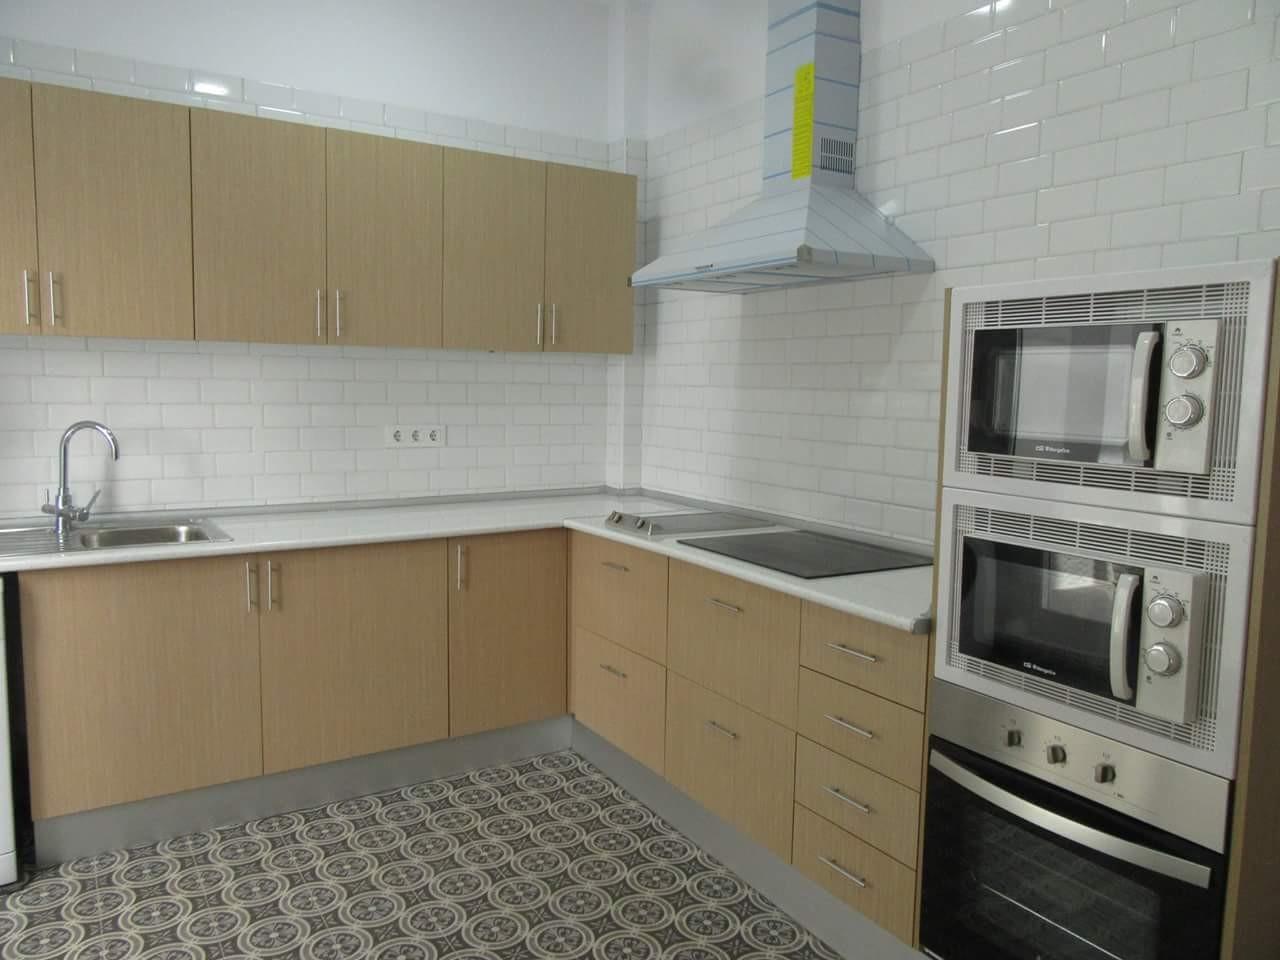 Dormitorio en piso compartido en cartagena centro ciudad for Alquiler de habitacion en piso compartido